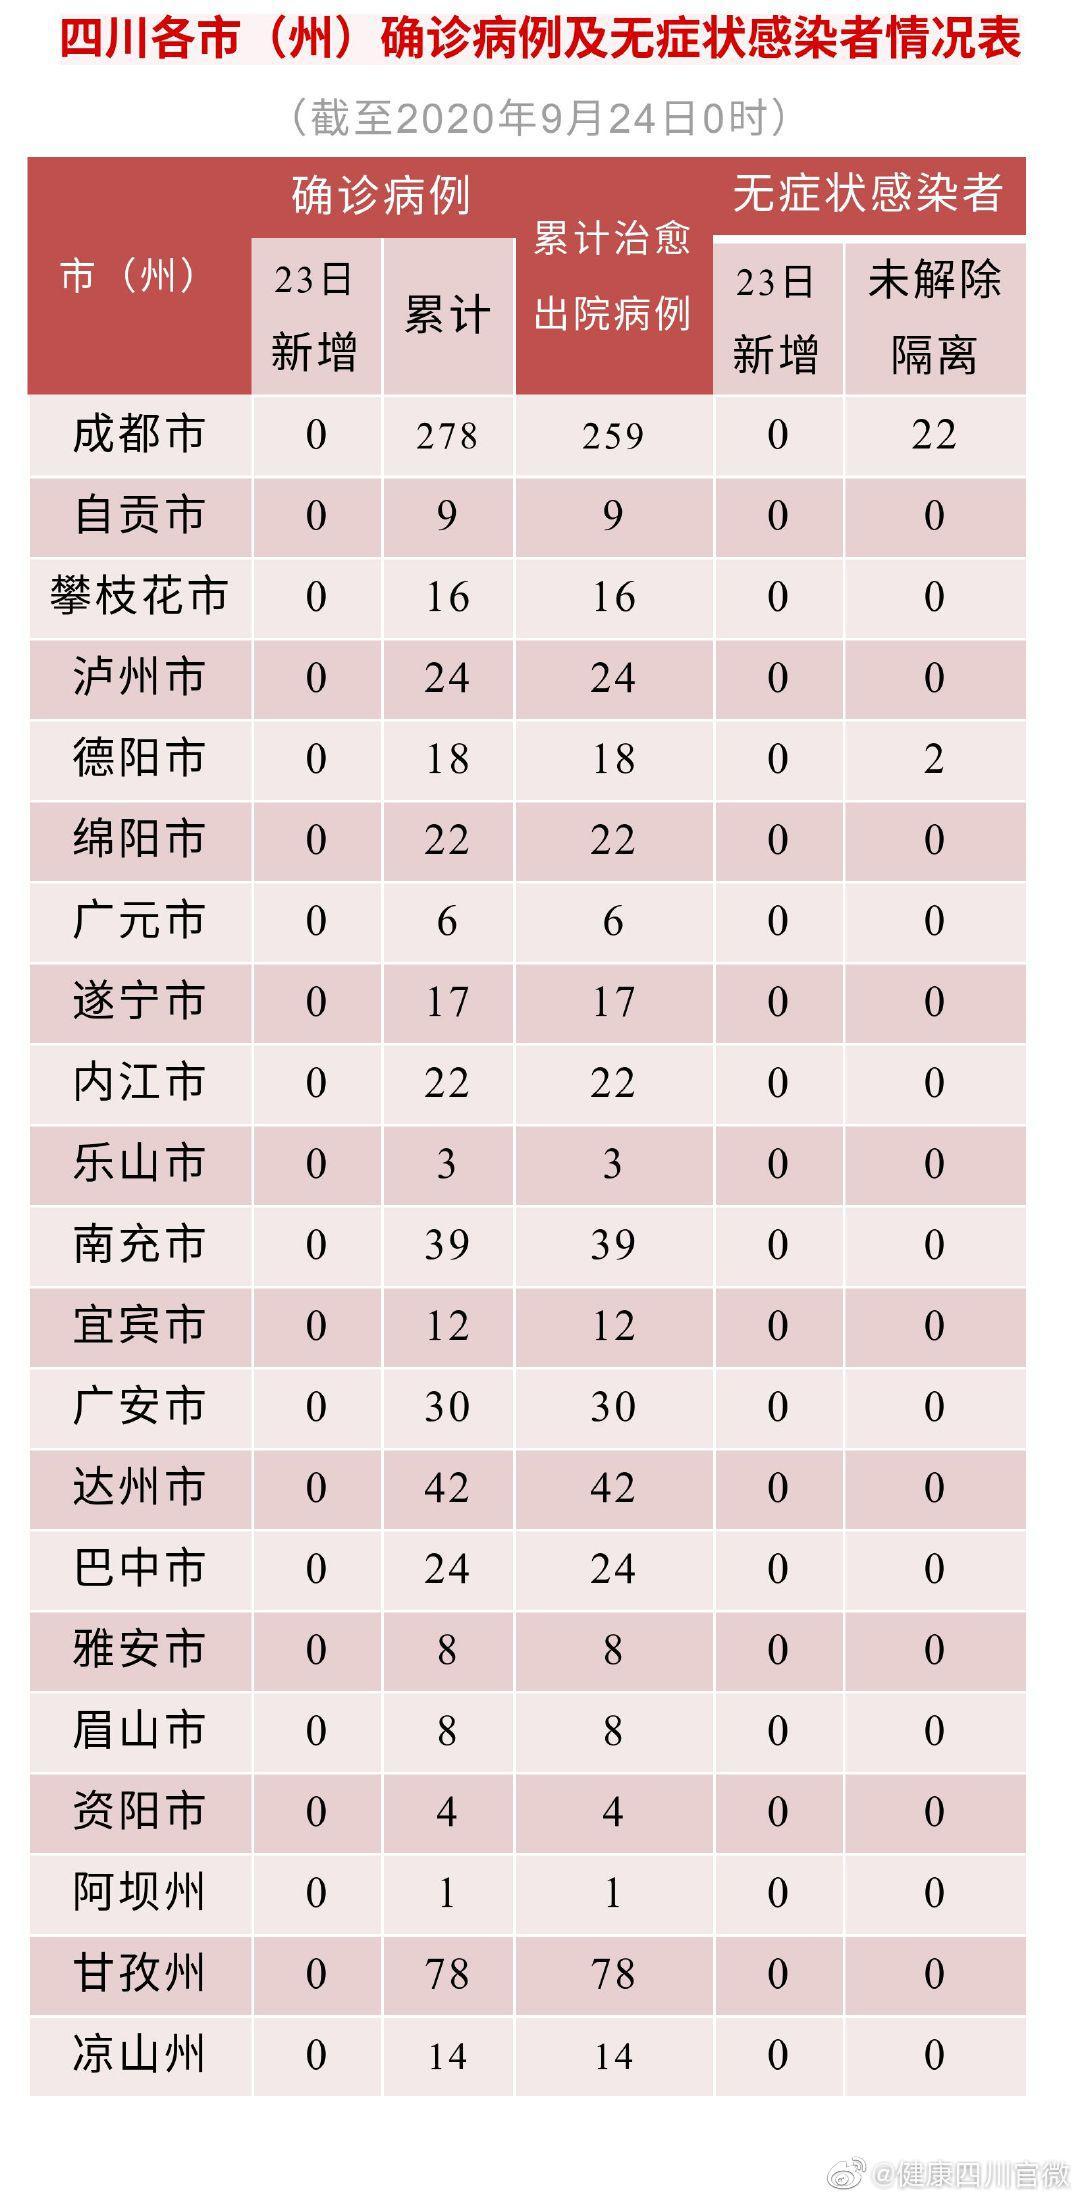 四川省23日无新增确诊病例 新增治愈出院病例1例图片